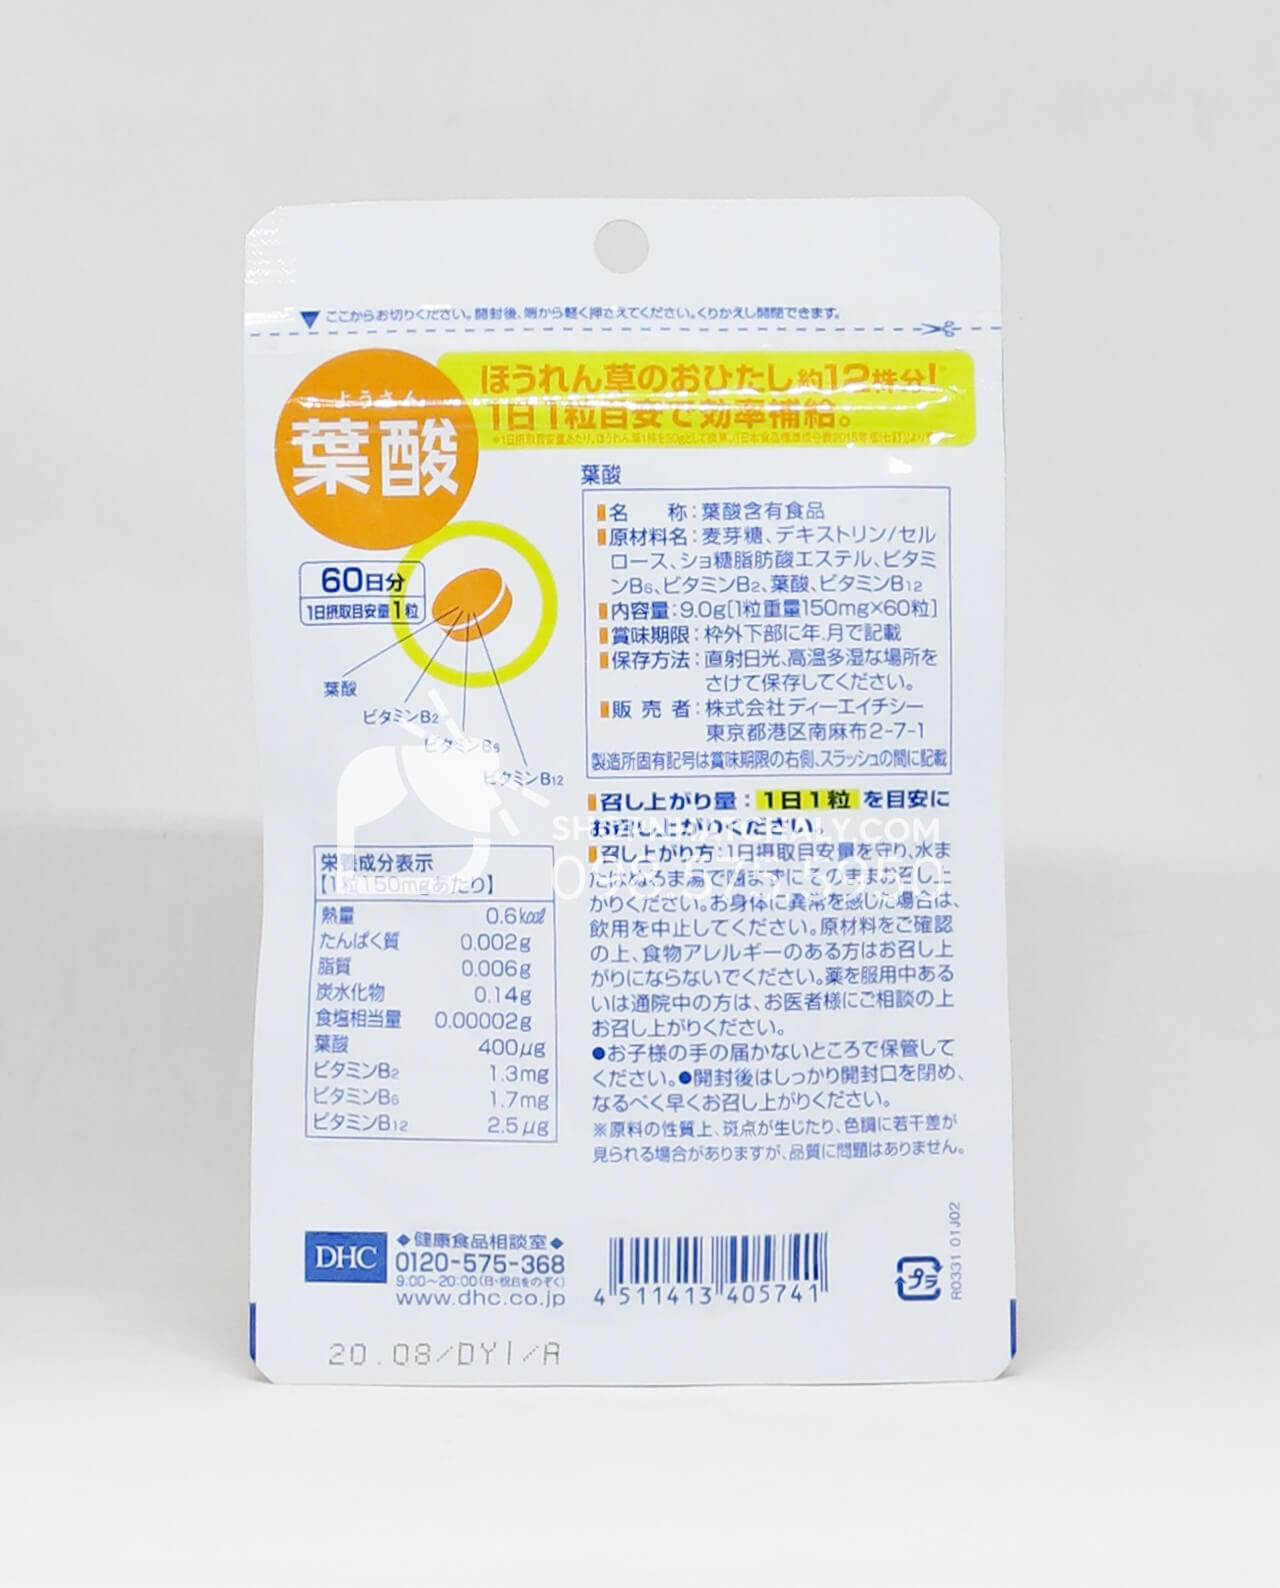 Viên acid folic cho bà bầu của DHC Nhật Bản - thông tin sản phẩm